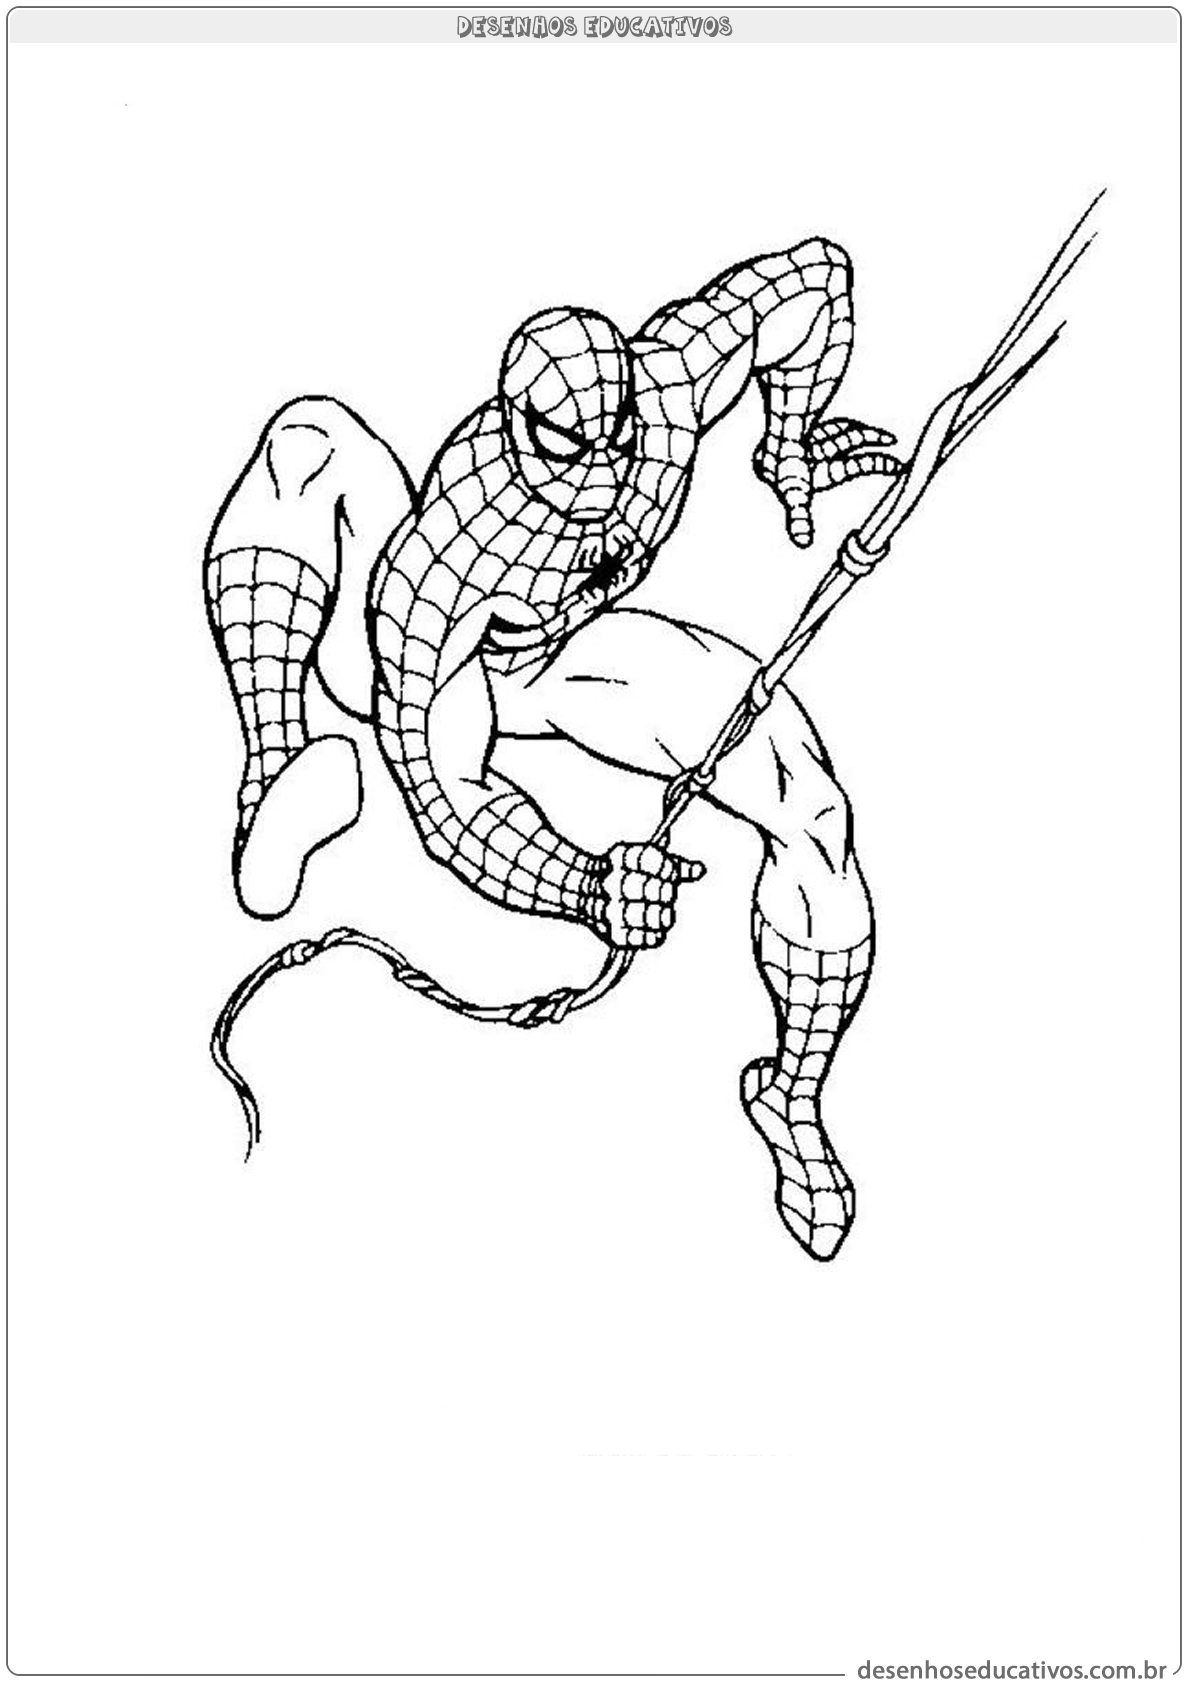 Homem aranha segurando na teia